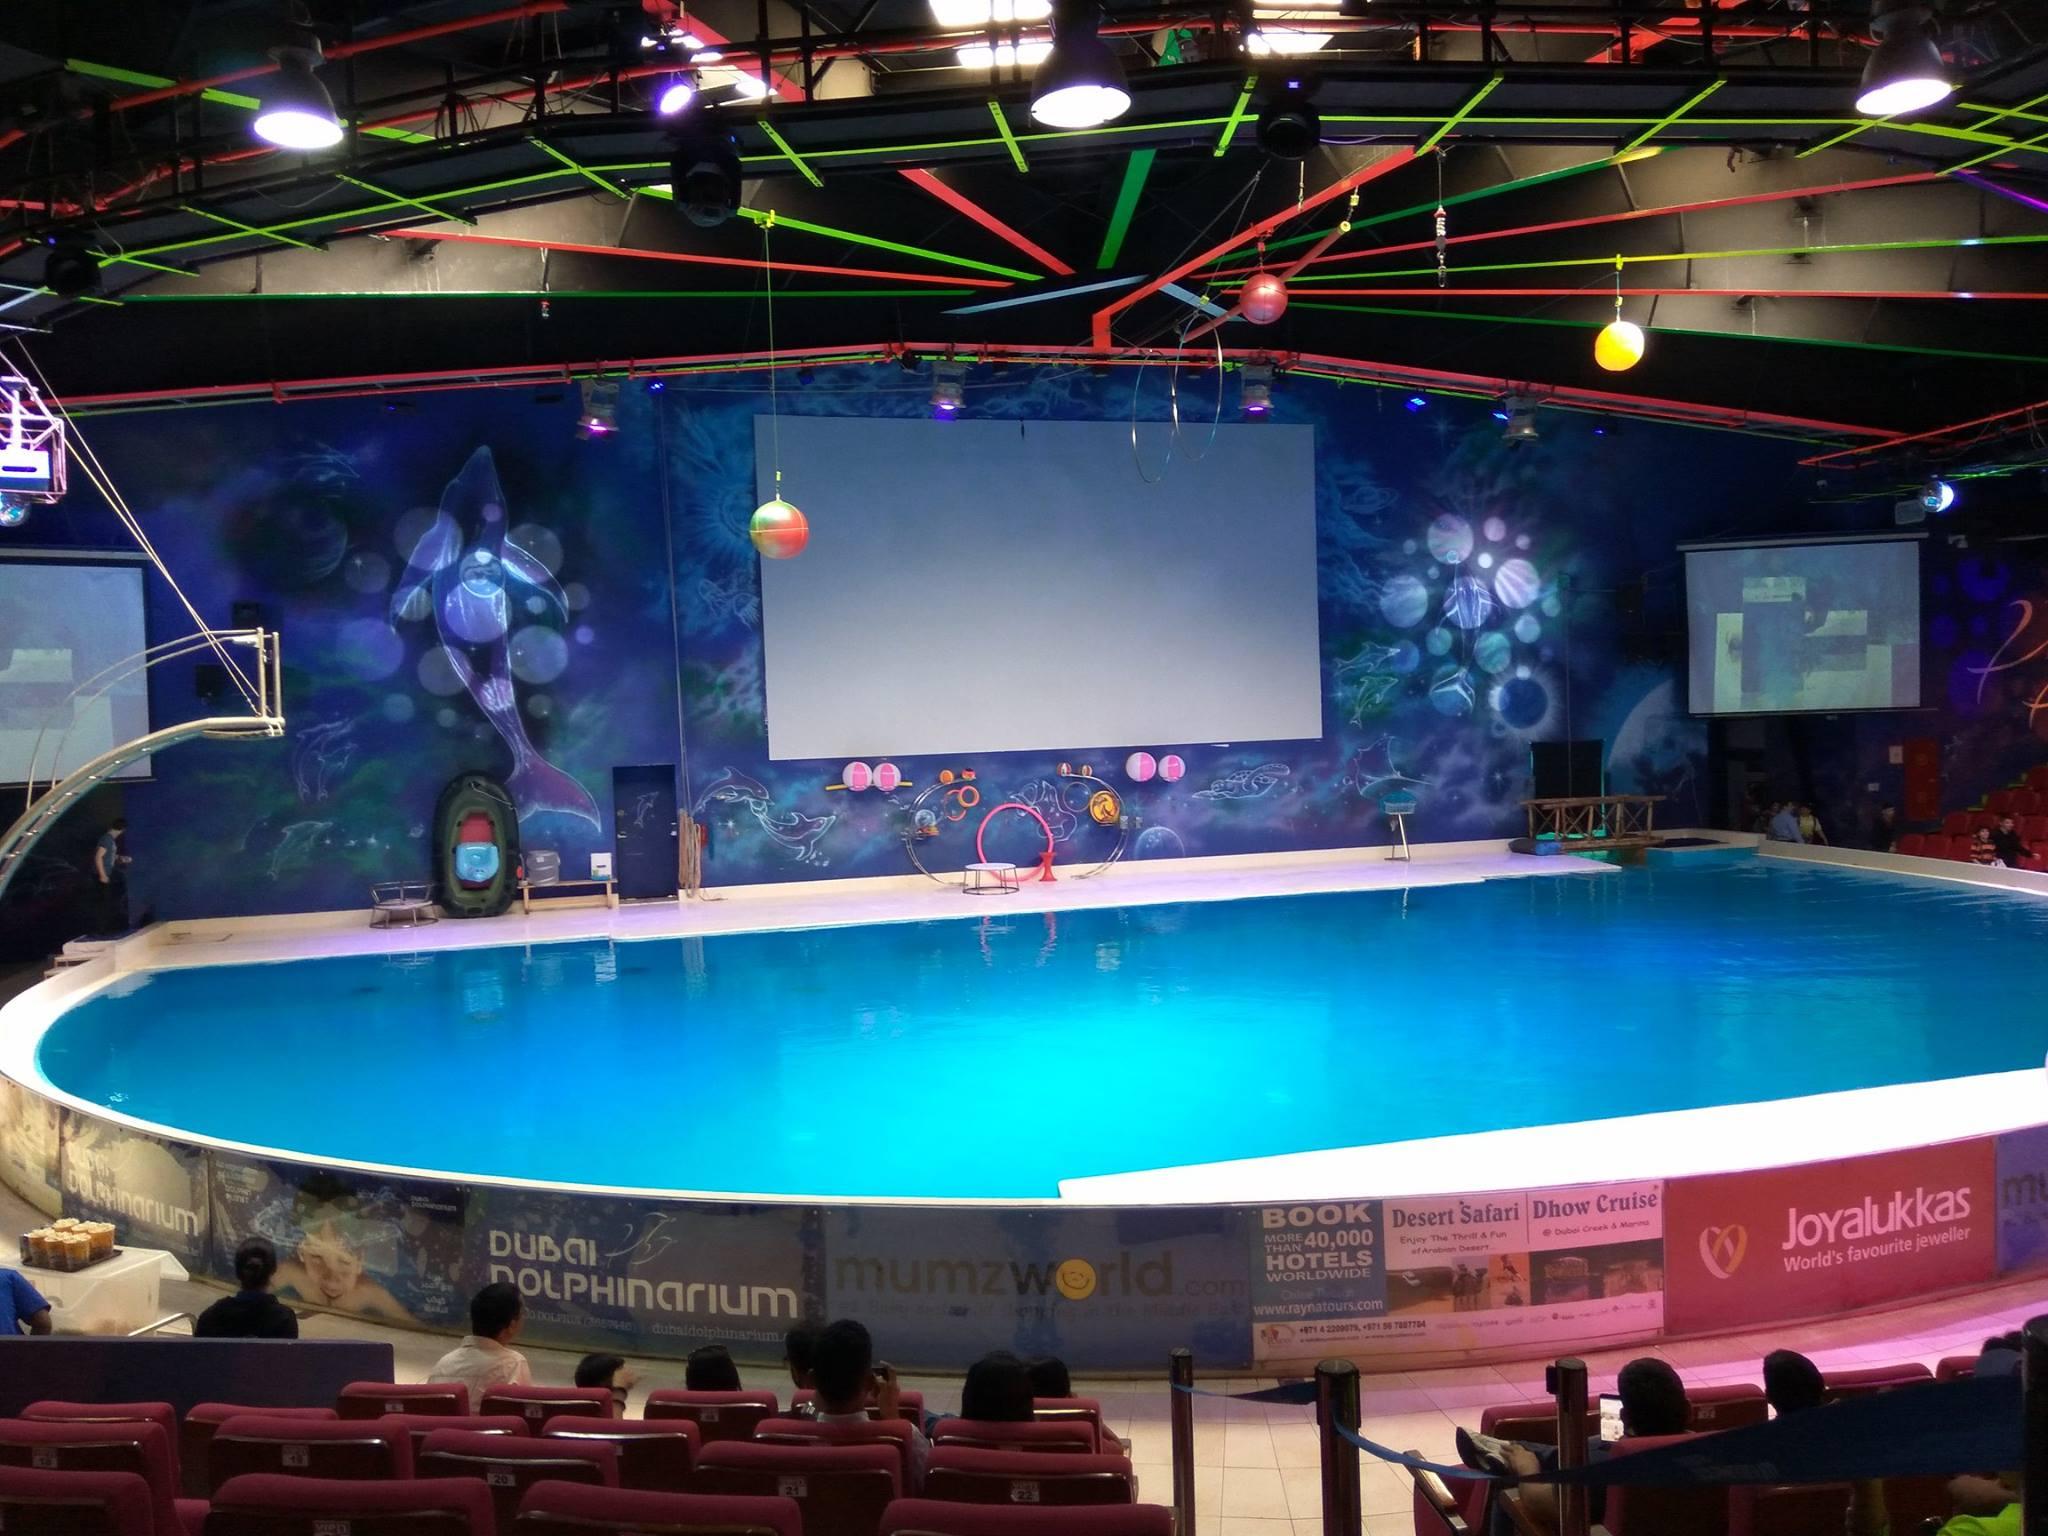 dolphinarium3.jpg